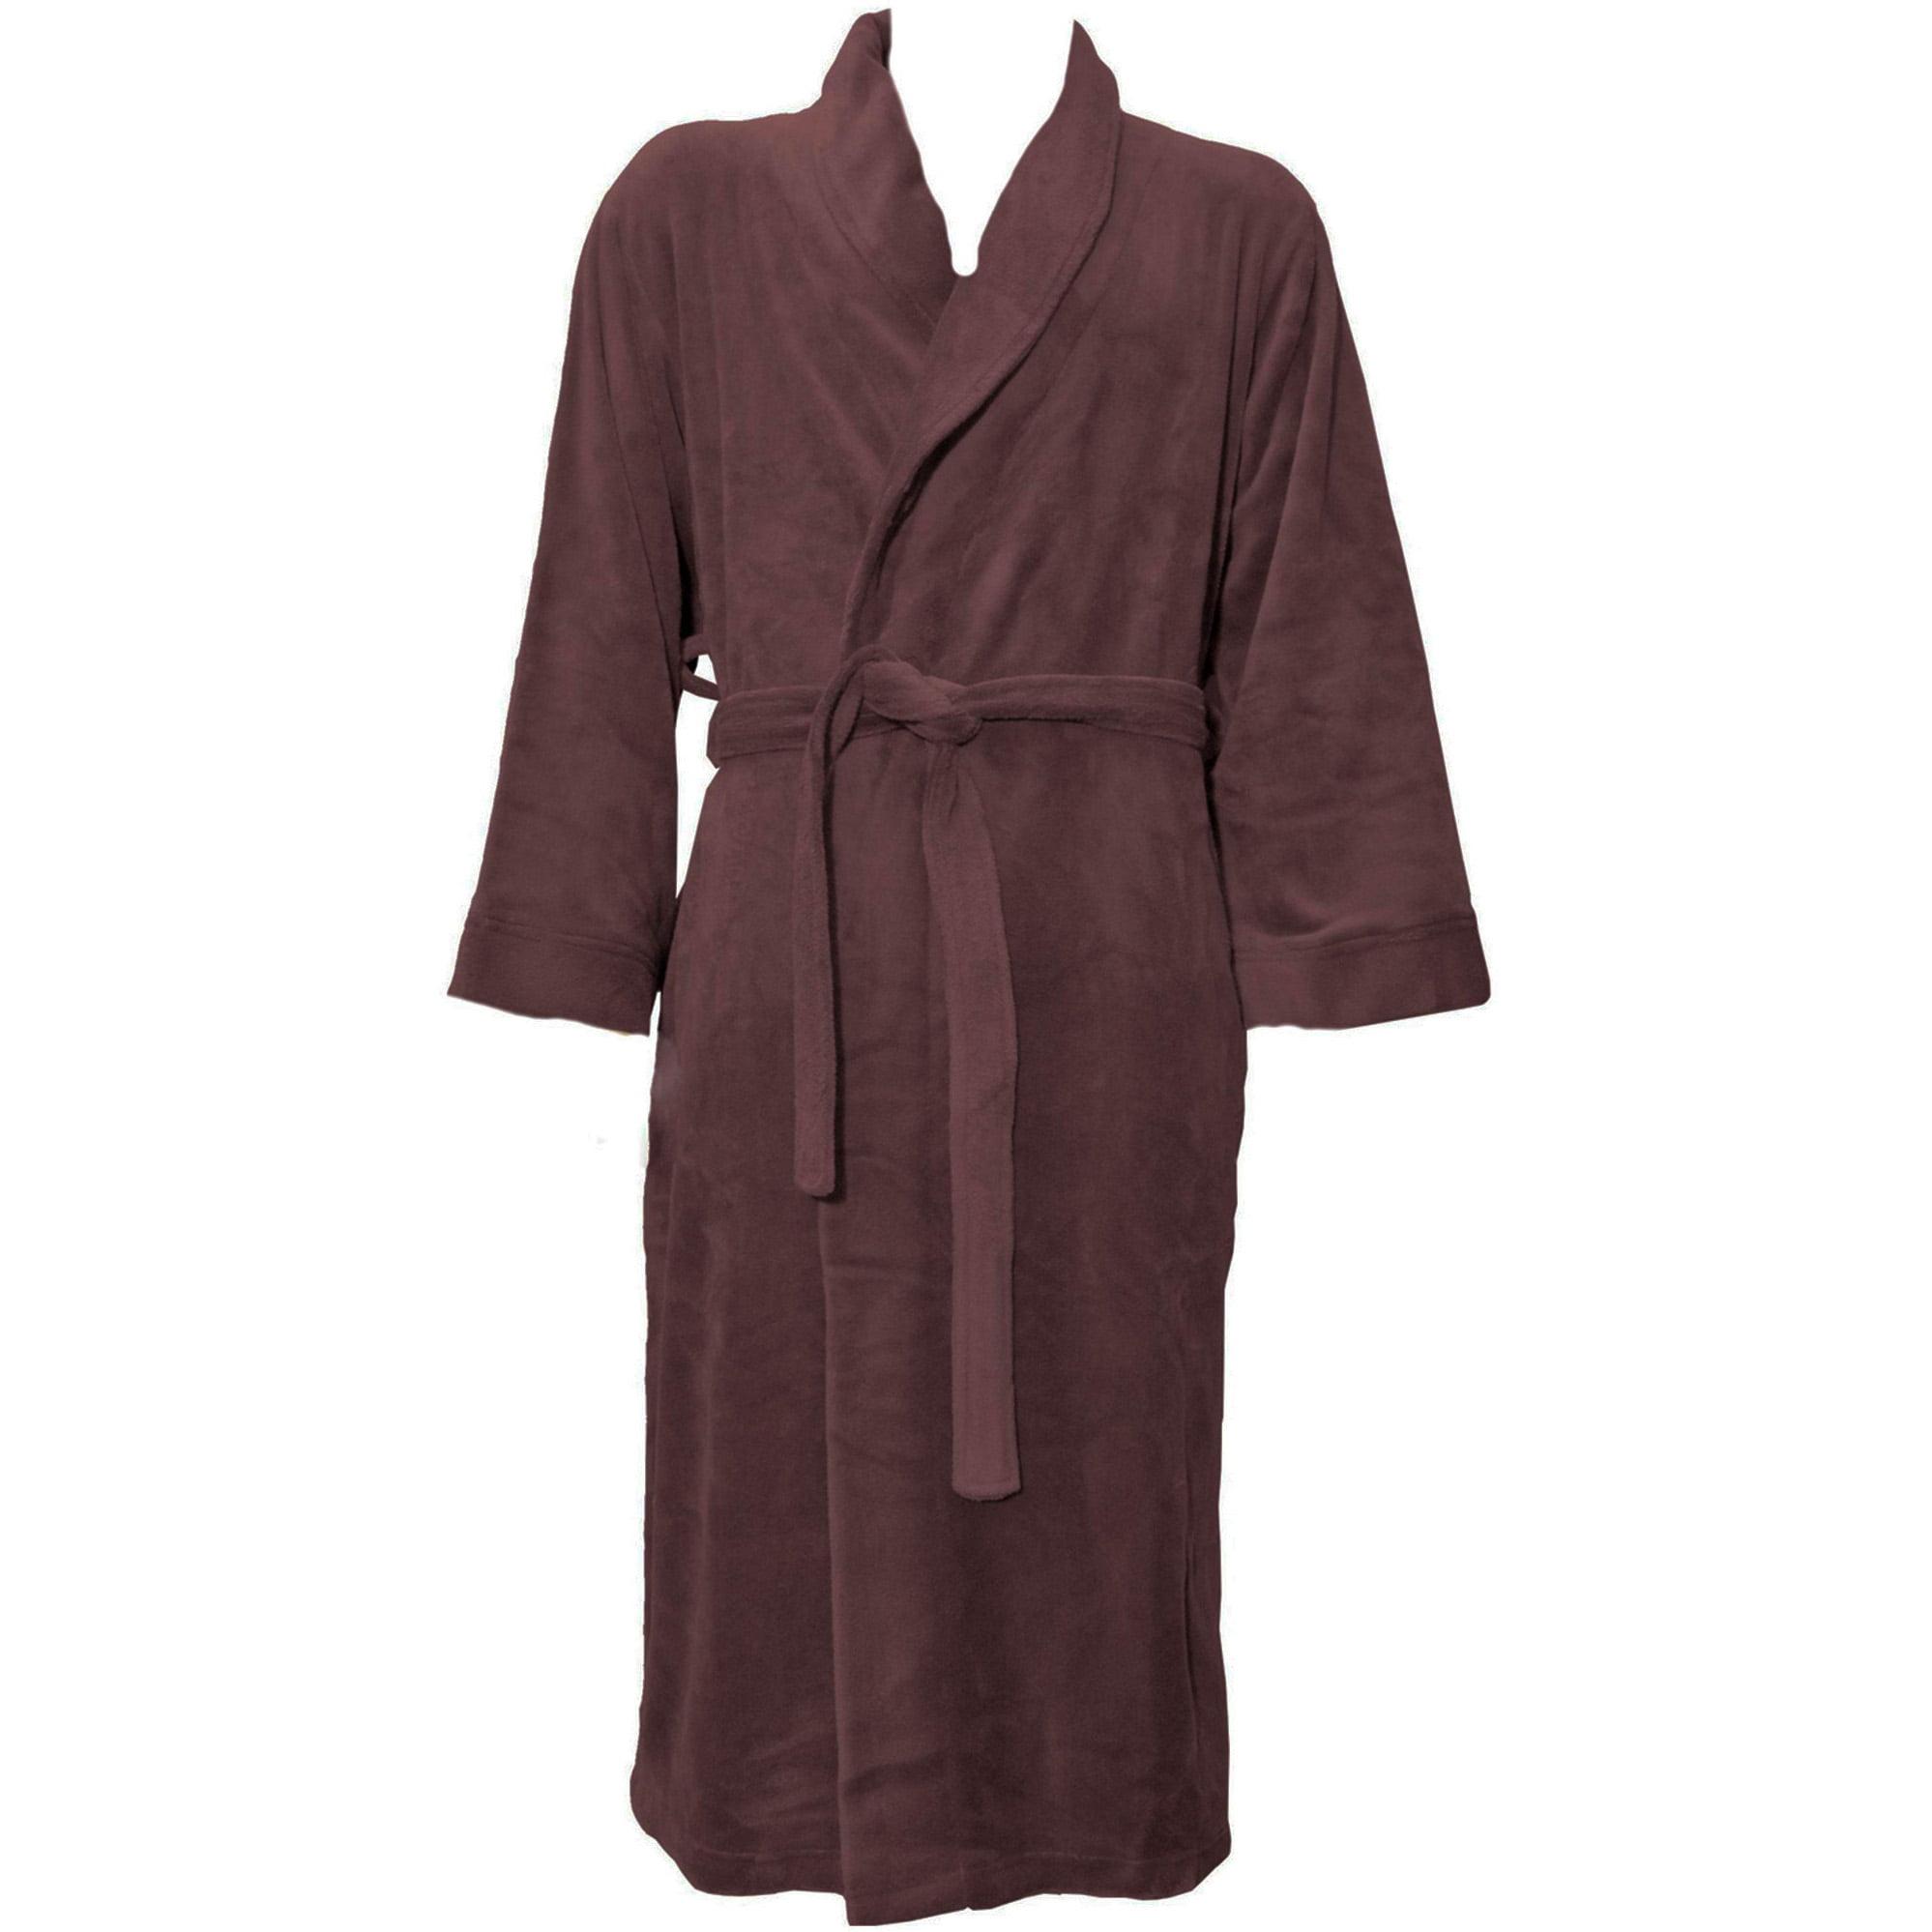 Unisex Plush Kimono Robe Hotel Spa Bathrobe with Tie Clos...